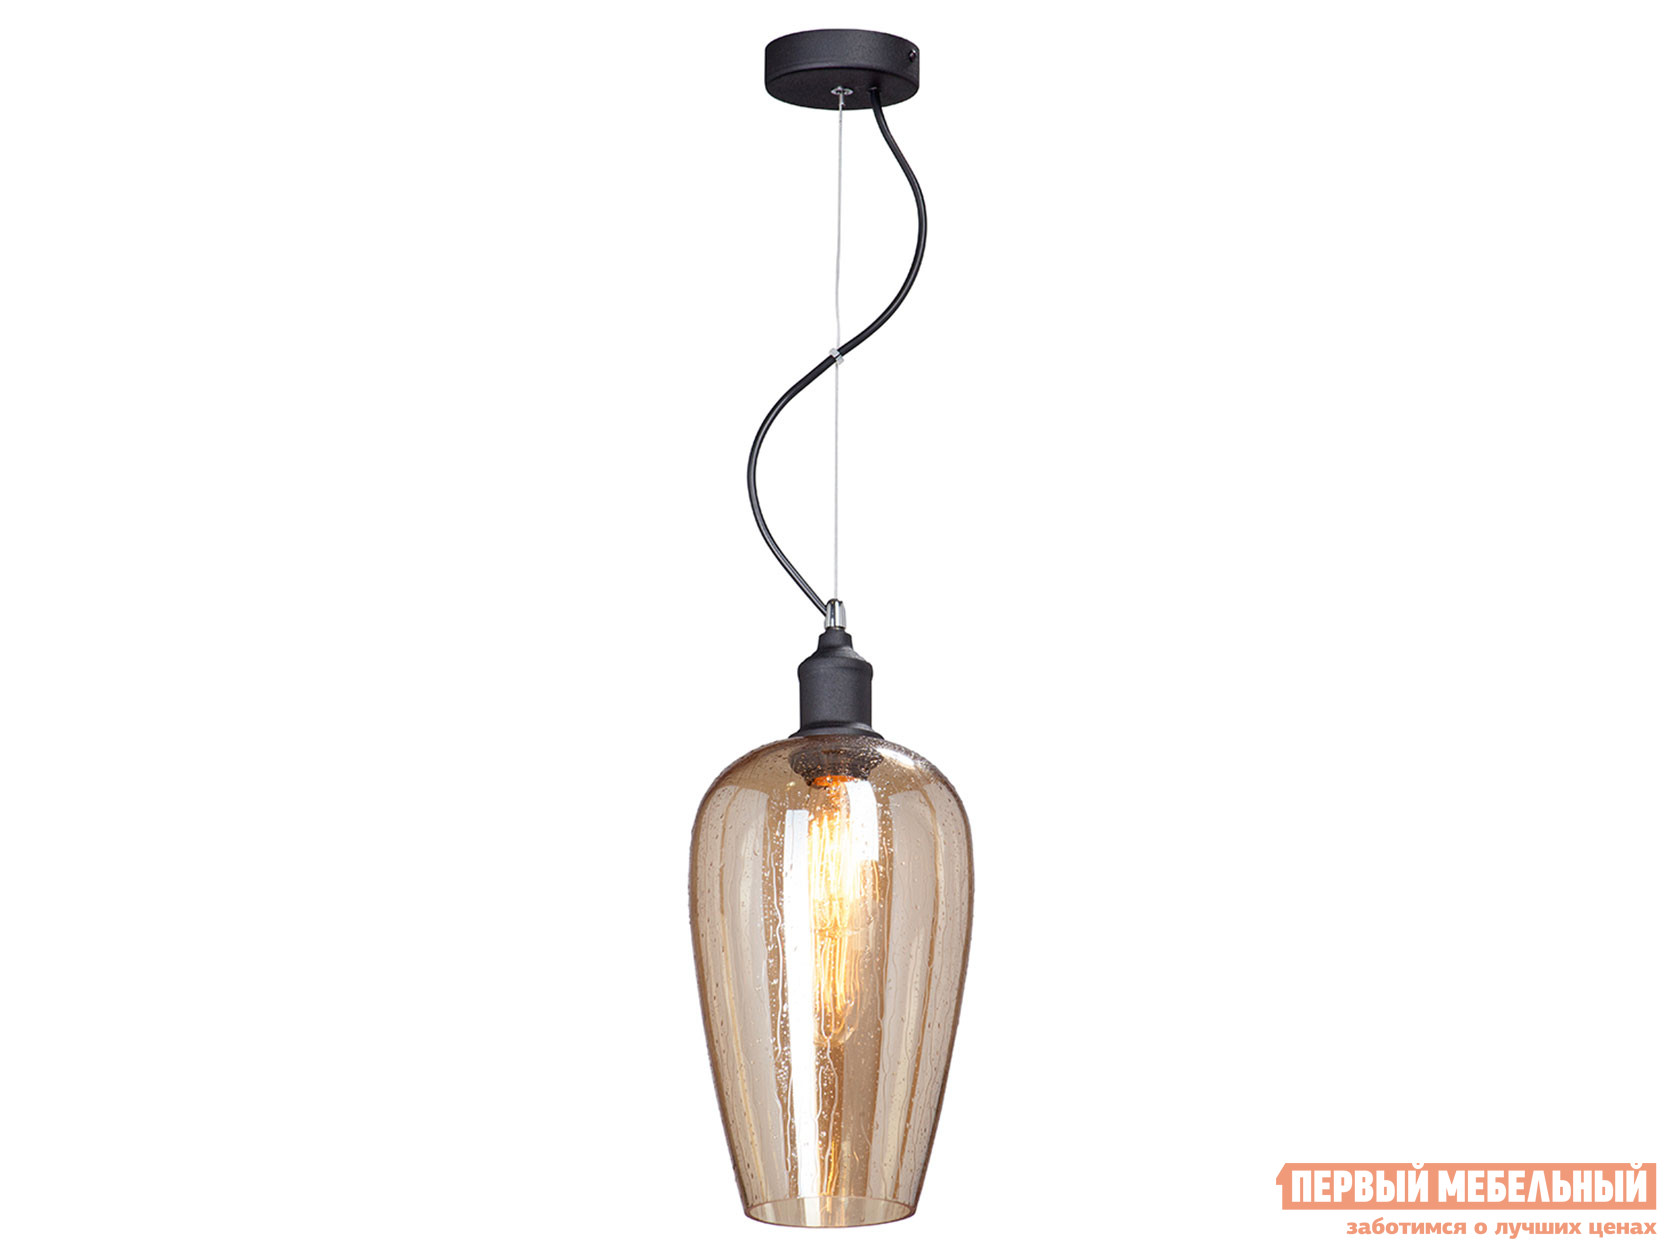 Подвесной светильник КСК-электро Люстра V4848-1/1S, Люстра V4849-1/1S